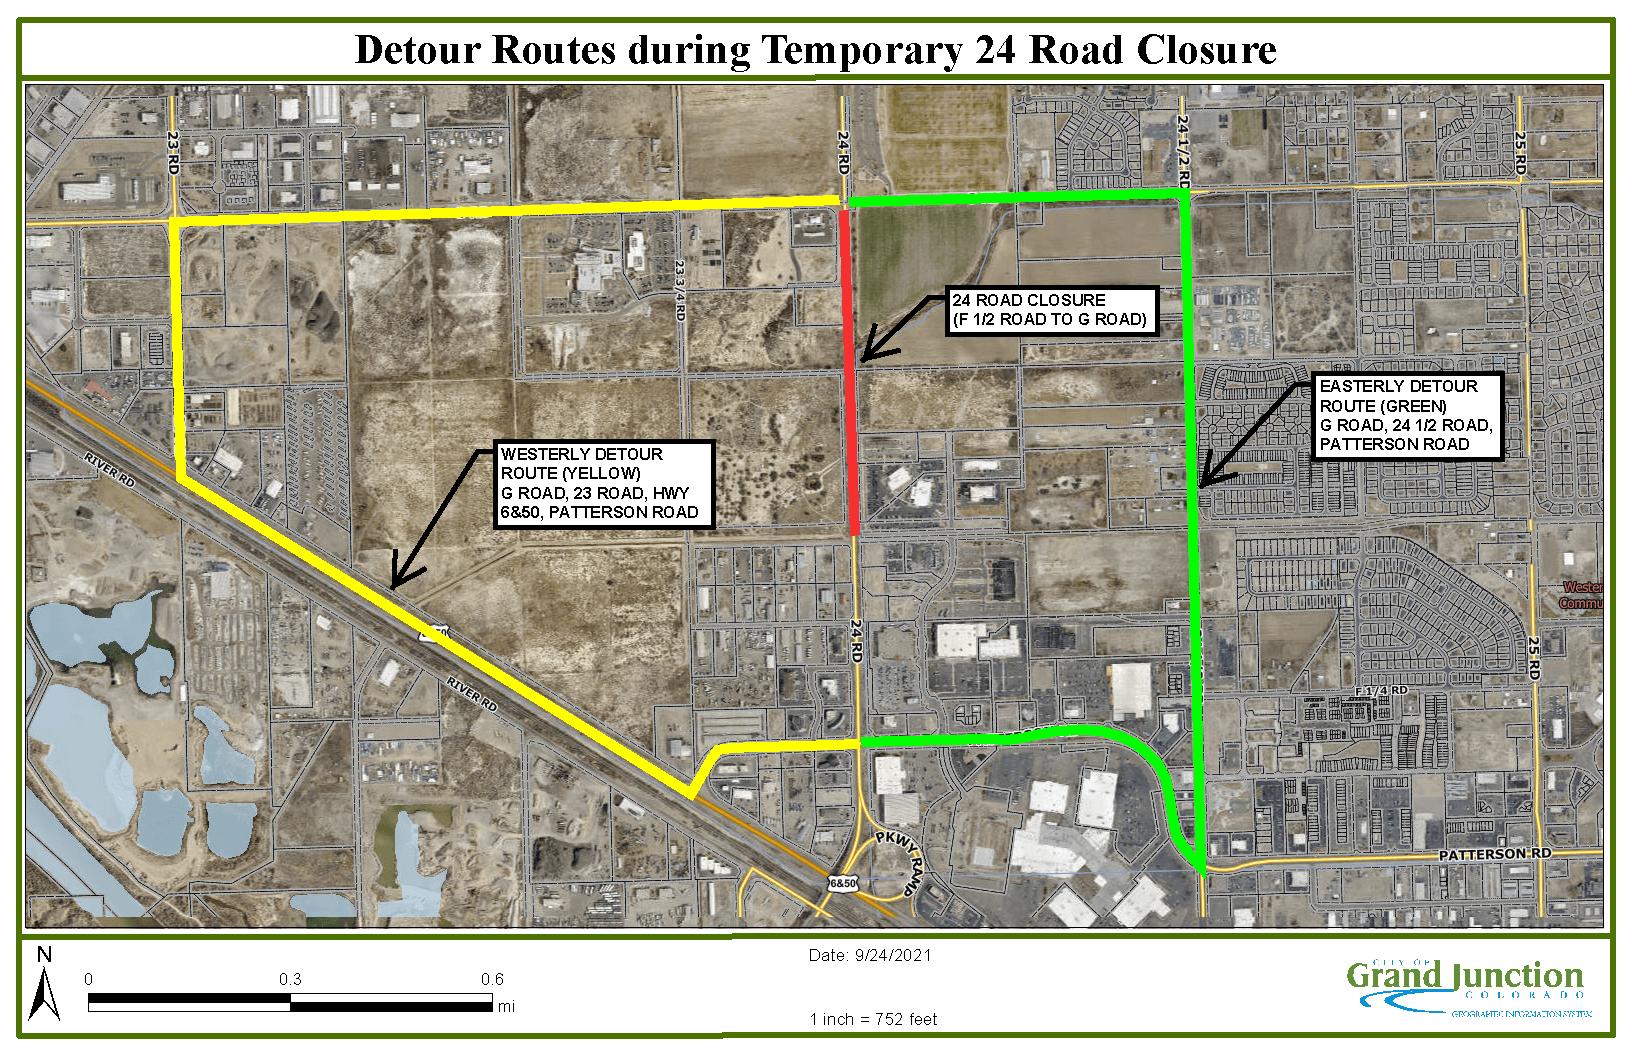 24 Road Closure Detour Routes (PNG)